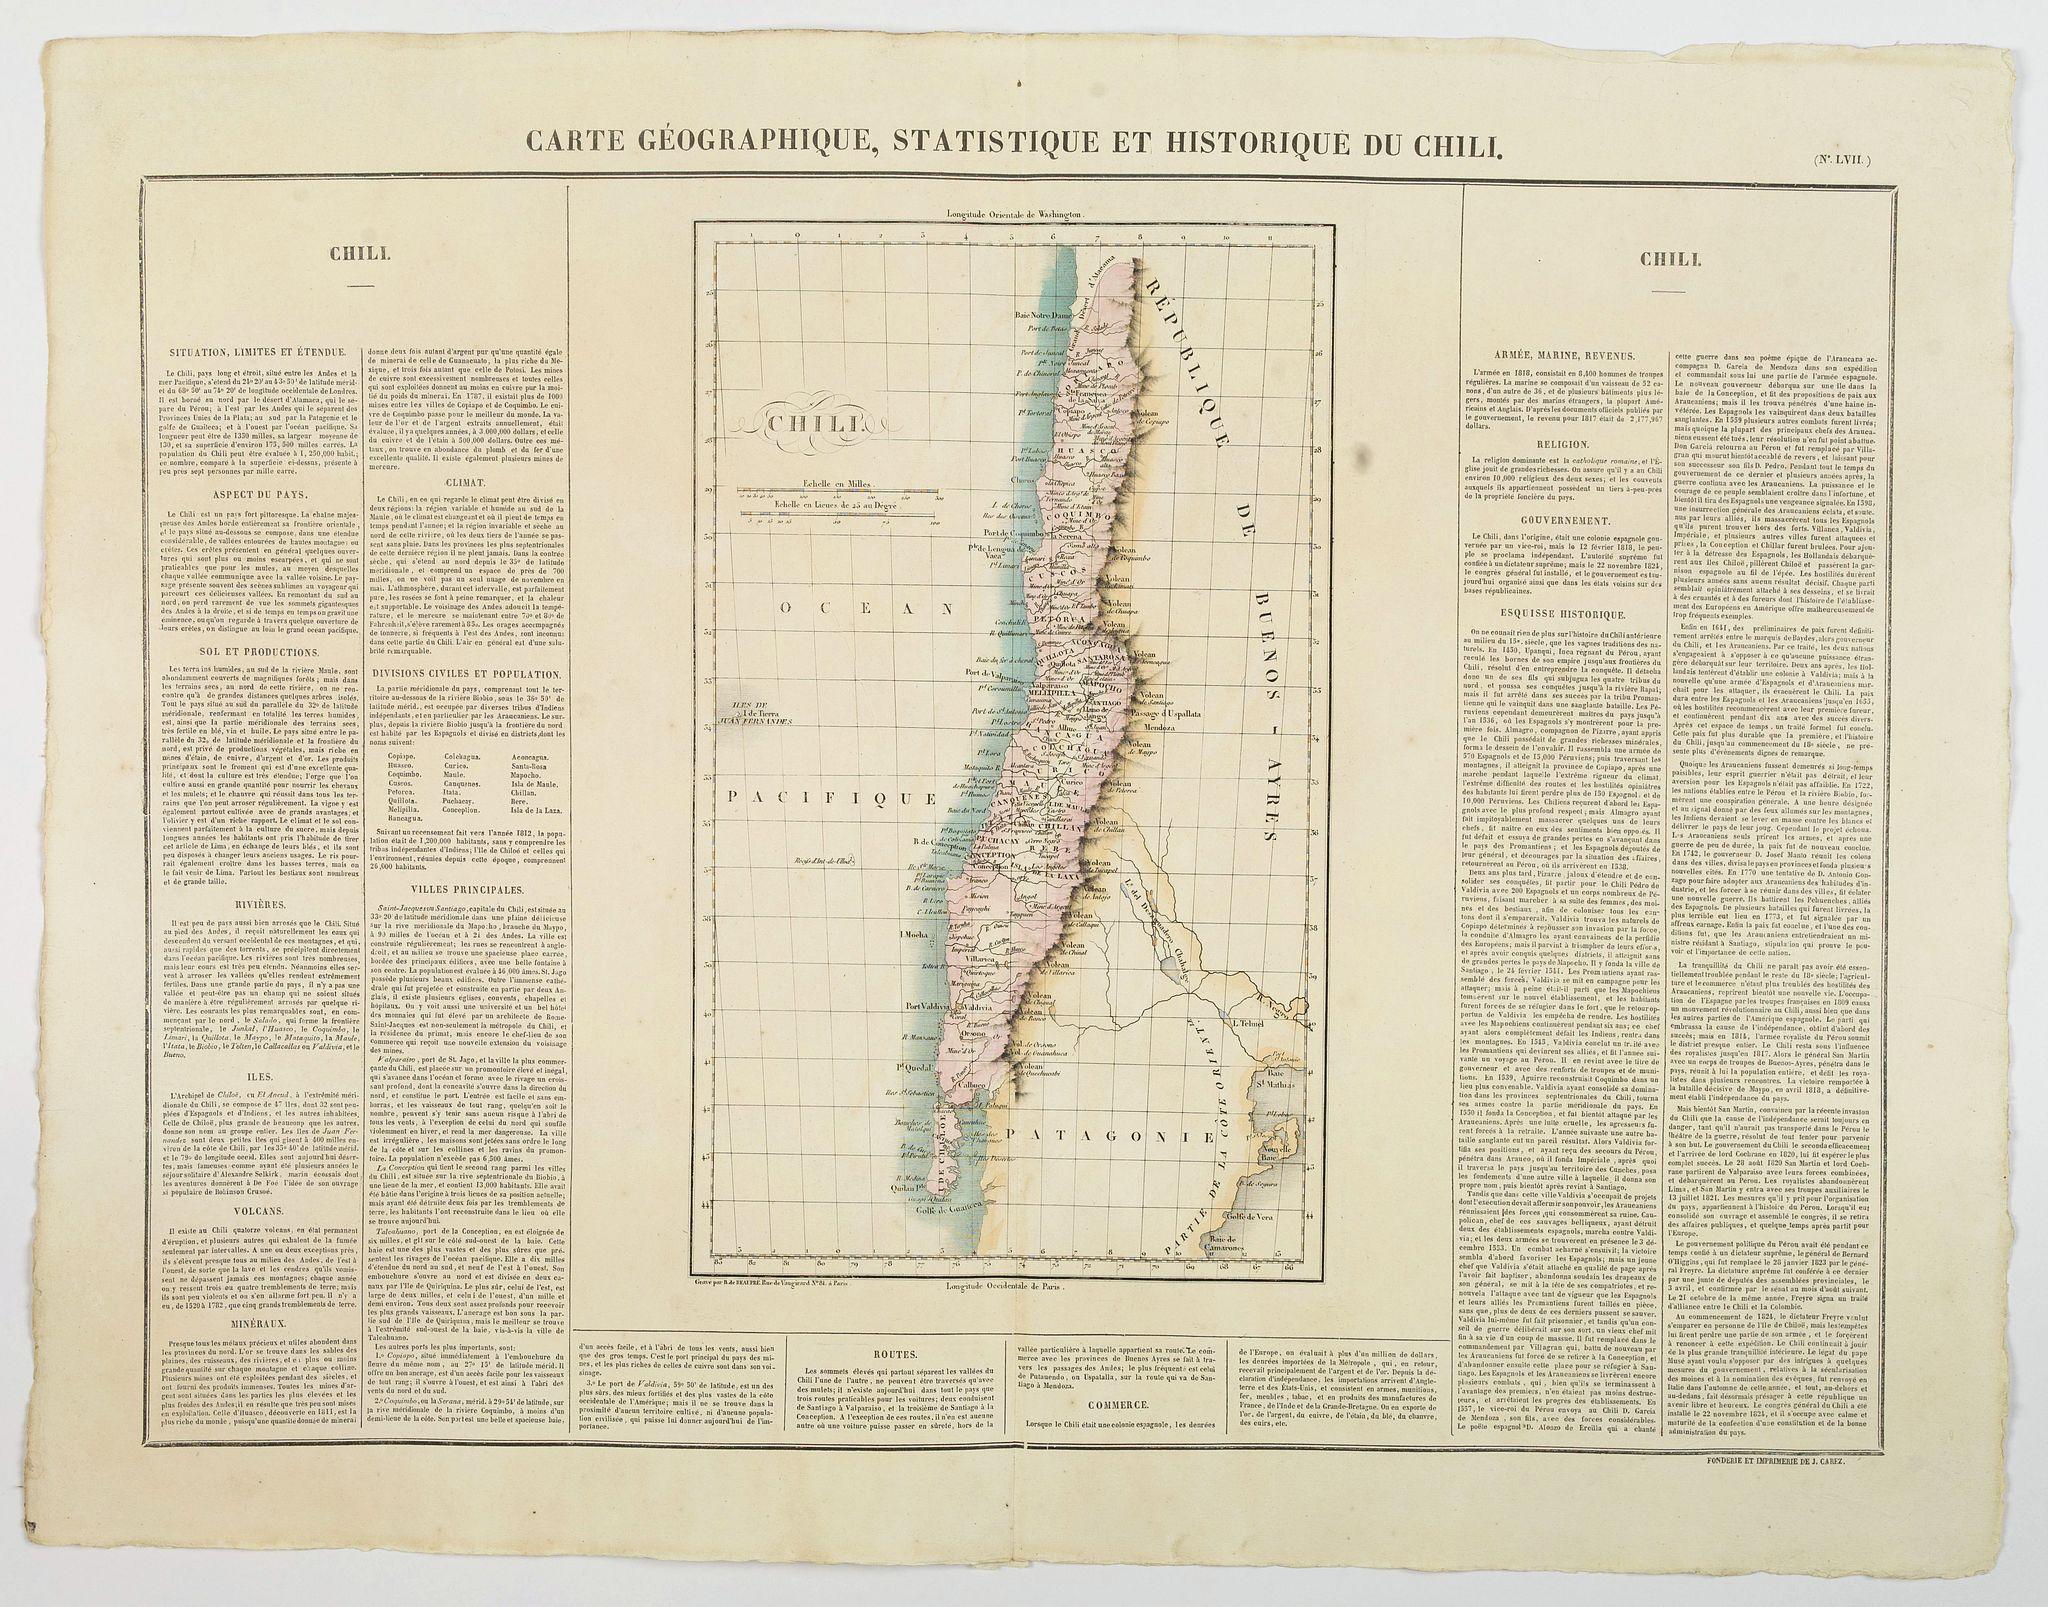 BUCHON, J.A. -  Carte Geographique, Statistique et Historique du Chili.